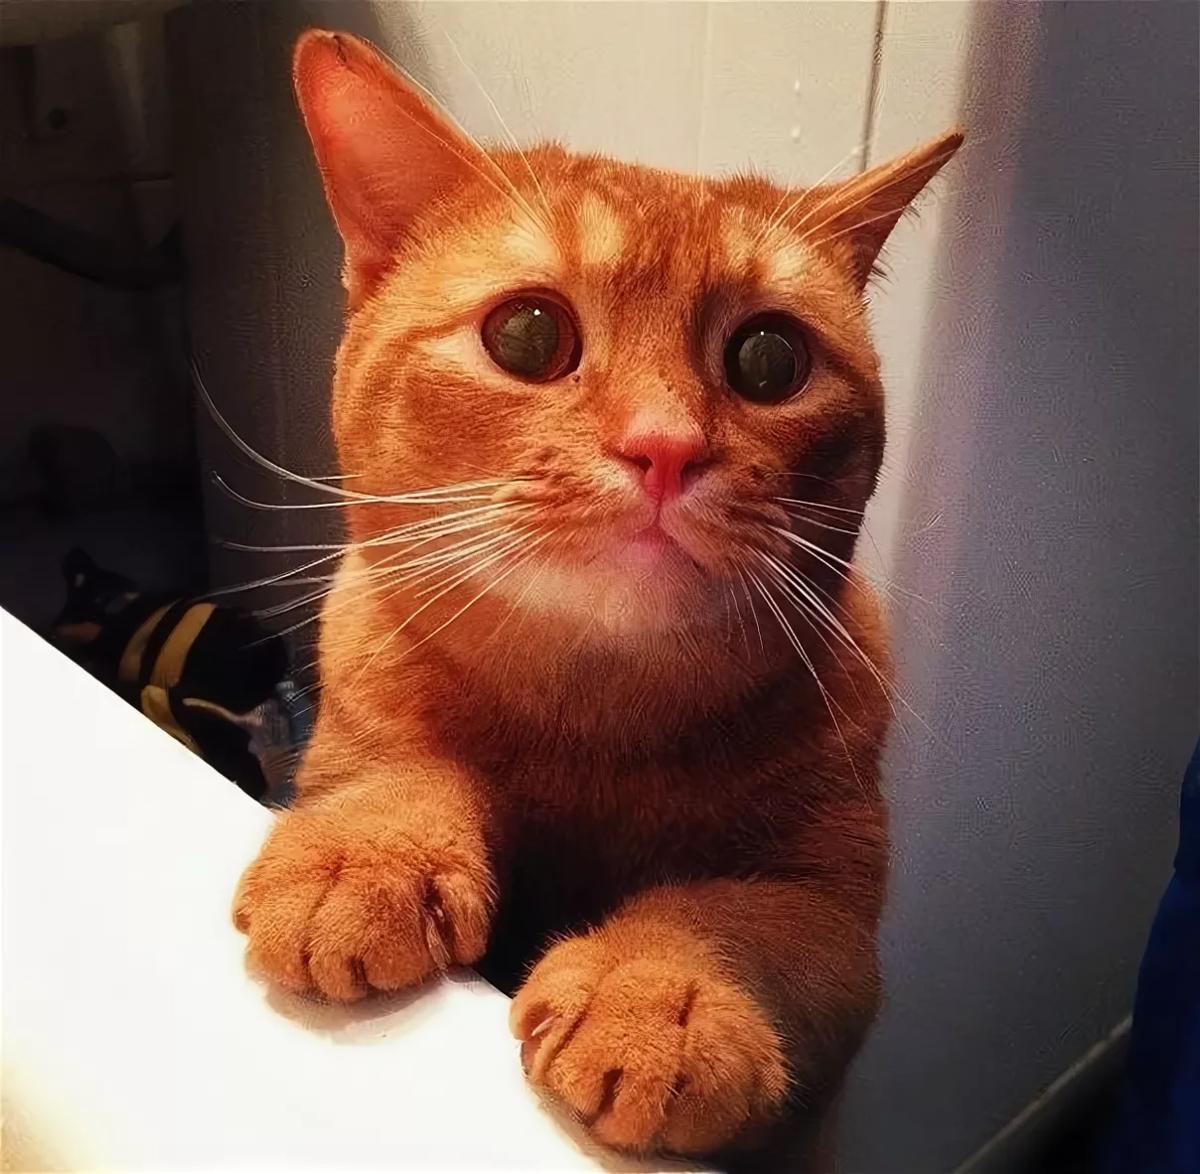 метрух картинки с умоляющими котиками слагаются недели